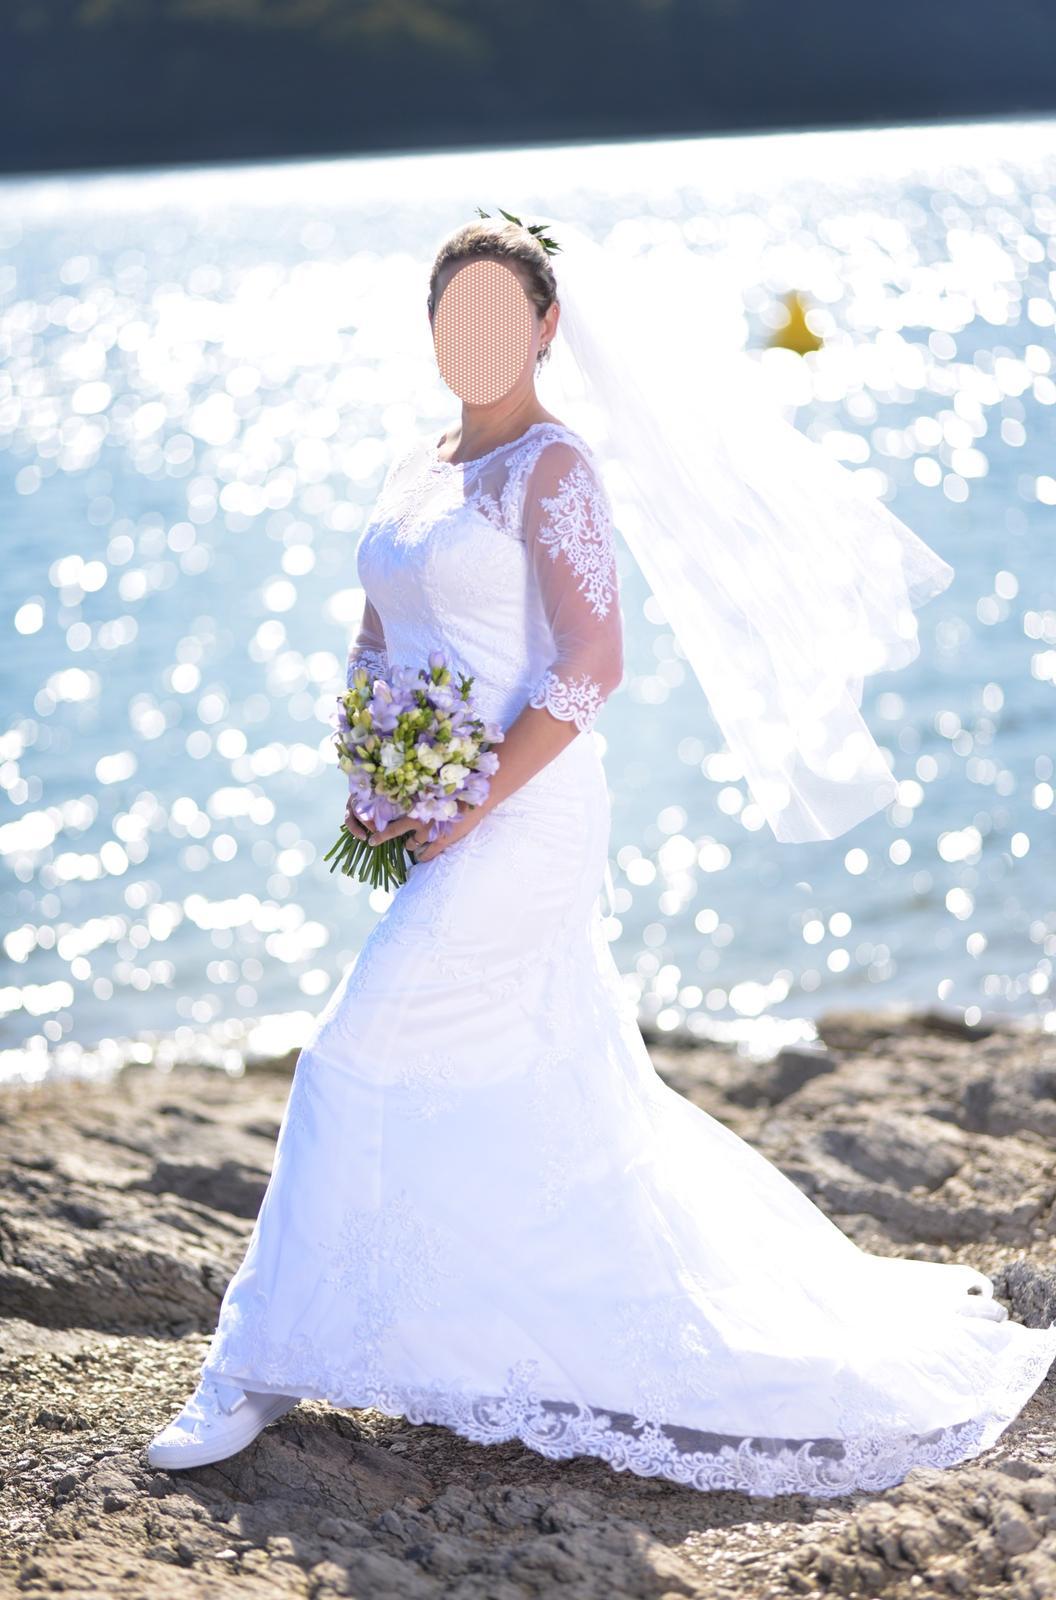 Krajkové šaty s 3/4 rukávem, vel. 36-38 - Obrázek č. 2